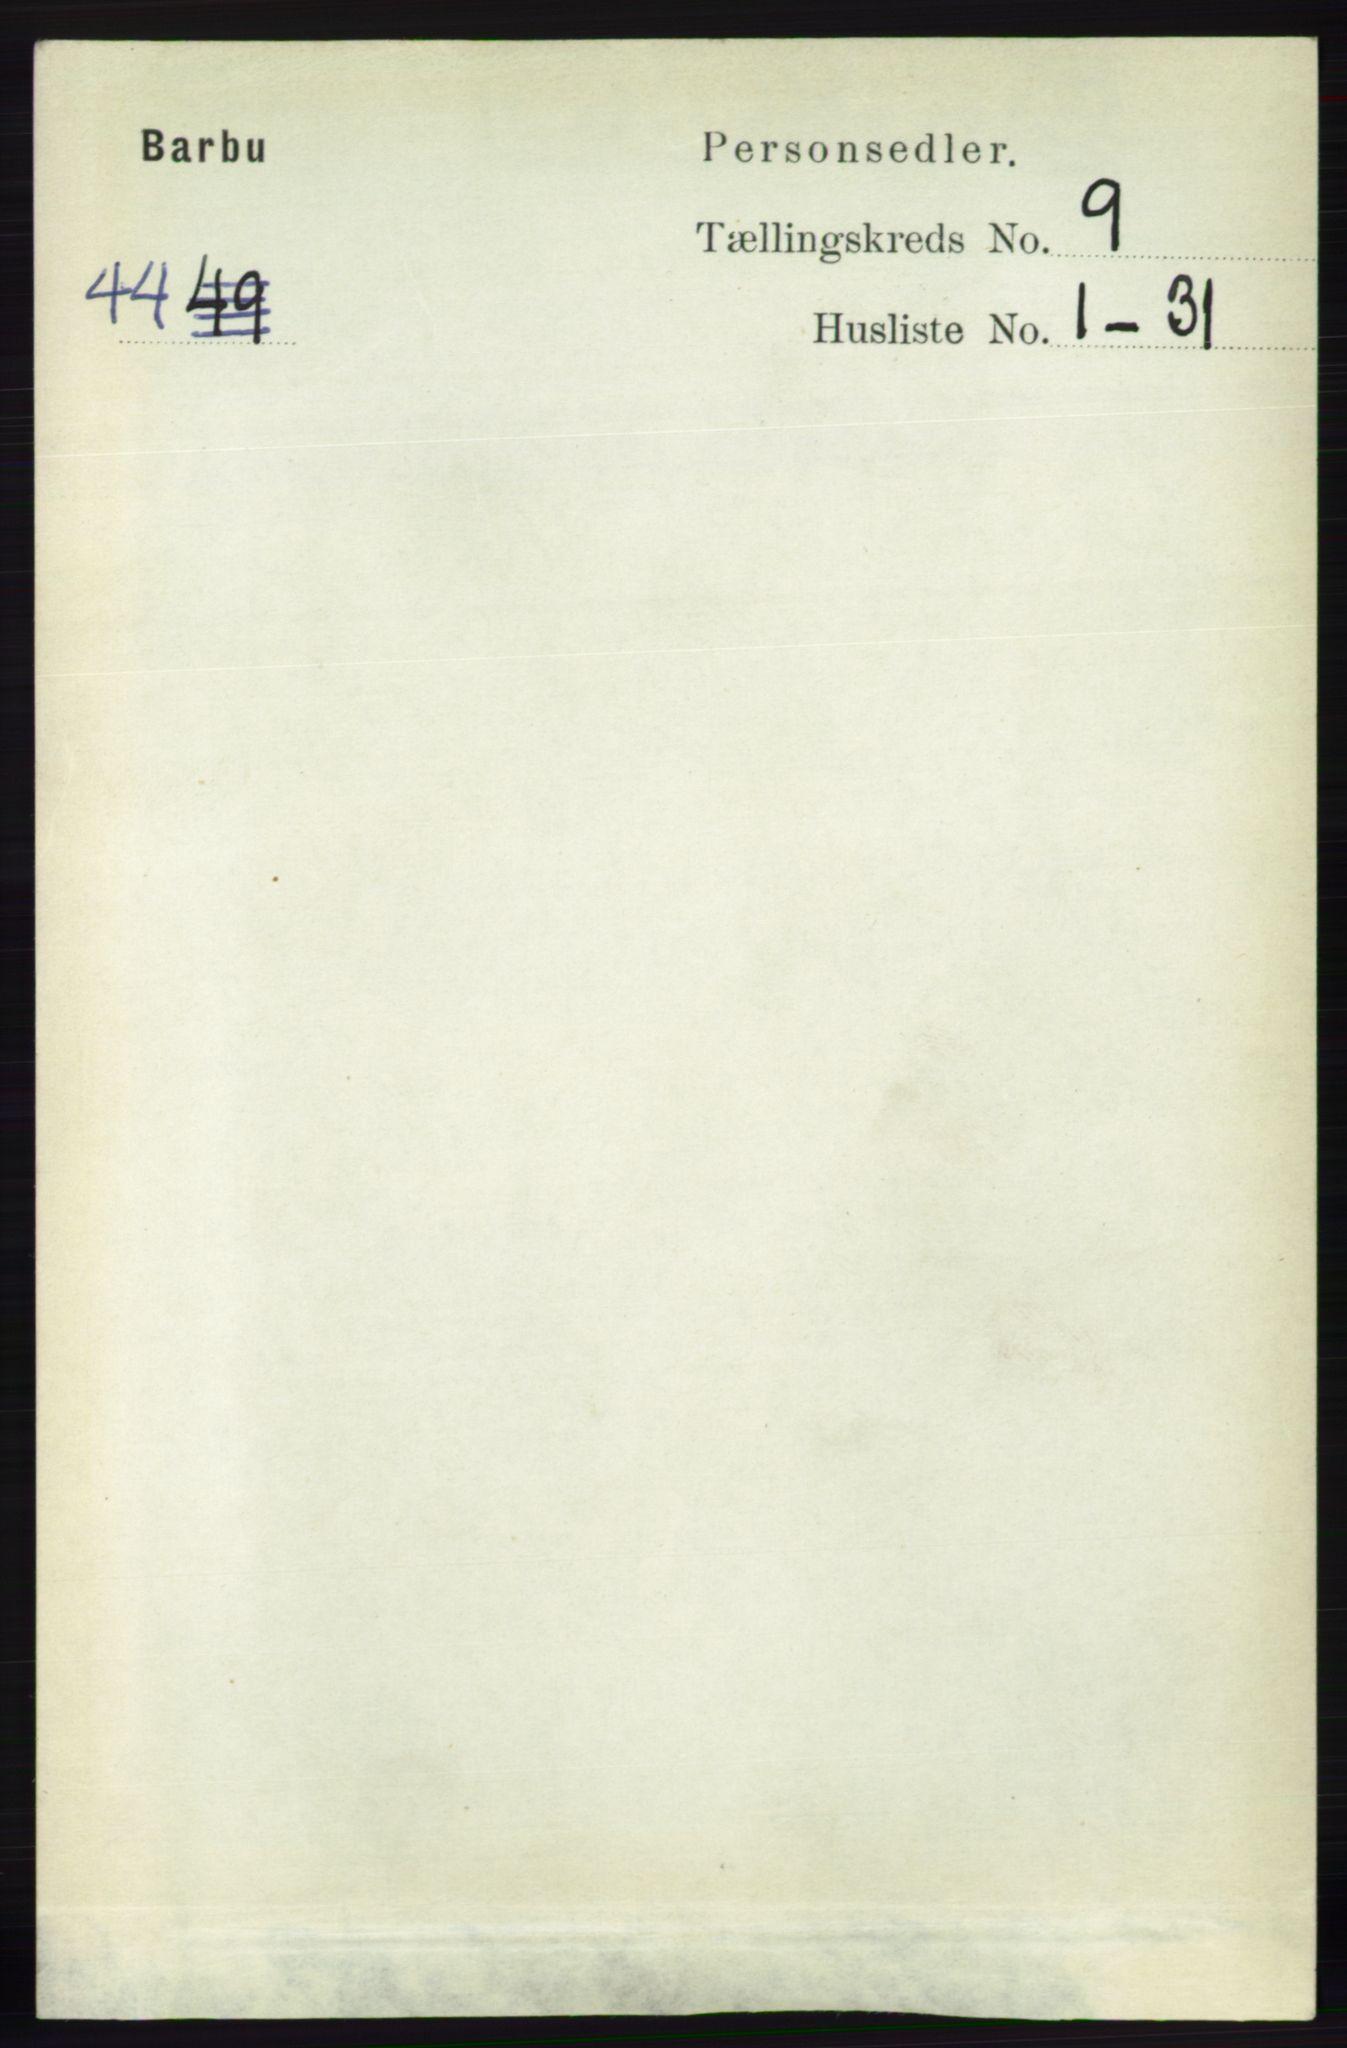 RA, Folketelling 1891 for 0990 Barbu herred, 1891, s. 7171